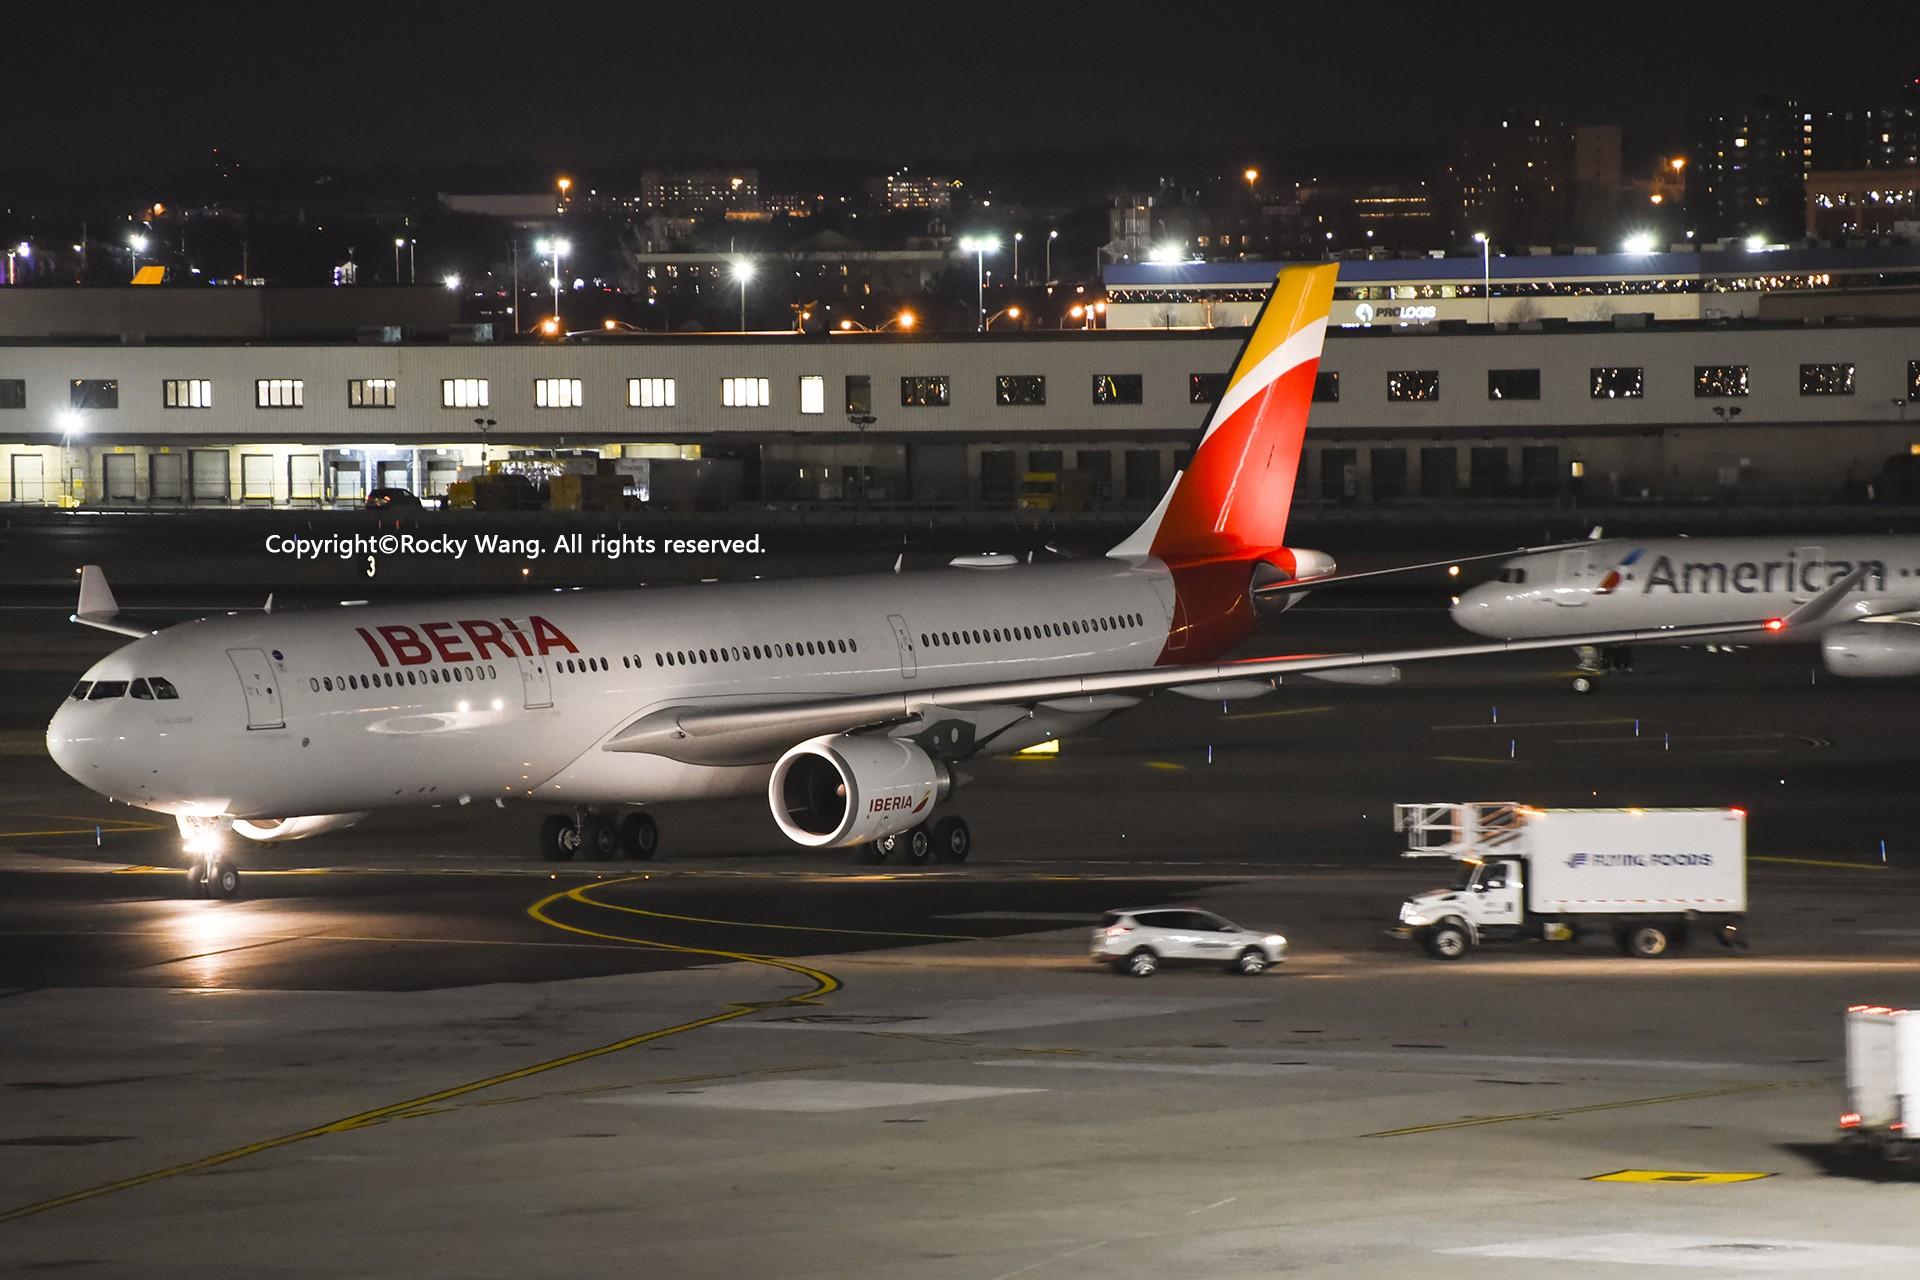 Re:[原创]KJFK 30图 AIRBUS A330-302 EC-LXK New York John F. Kennedy Int'l Airport